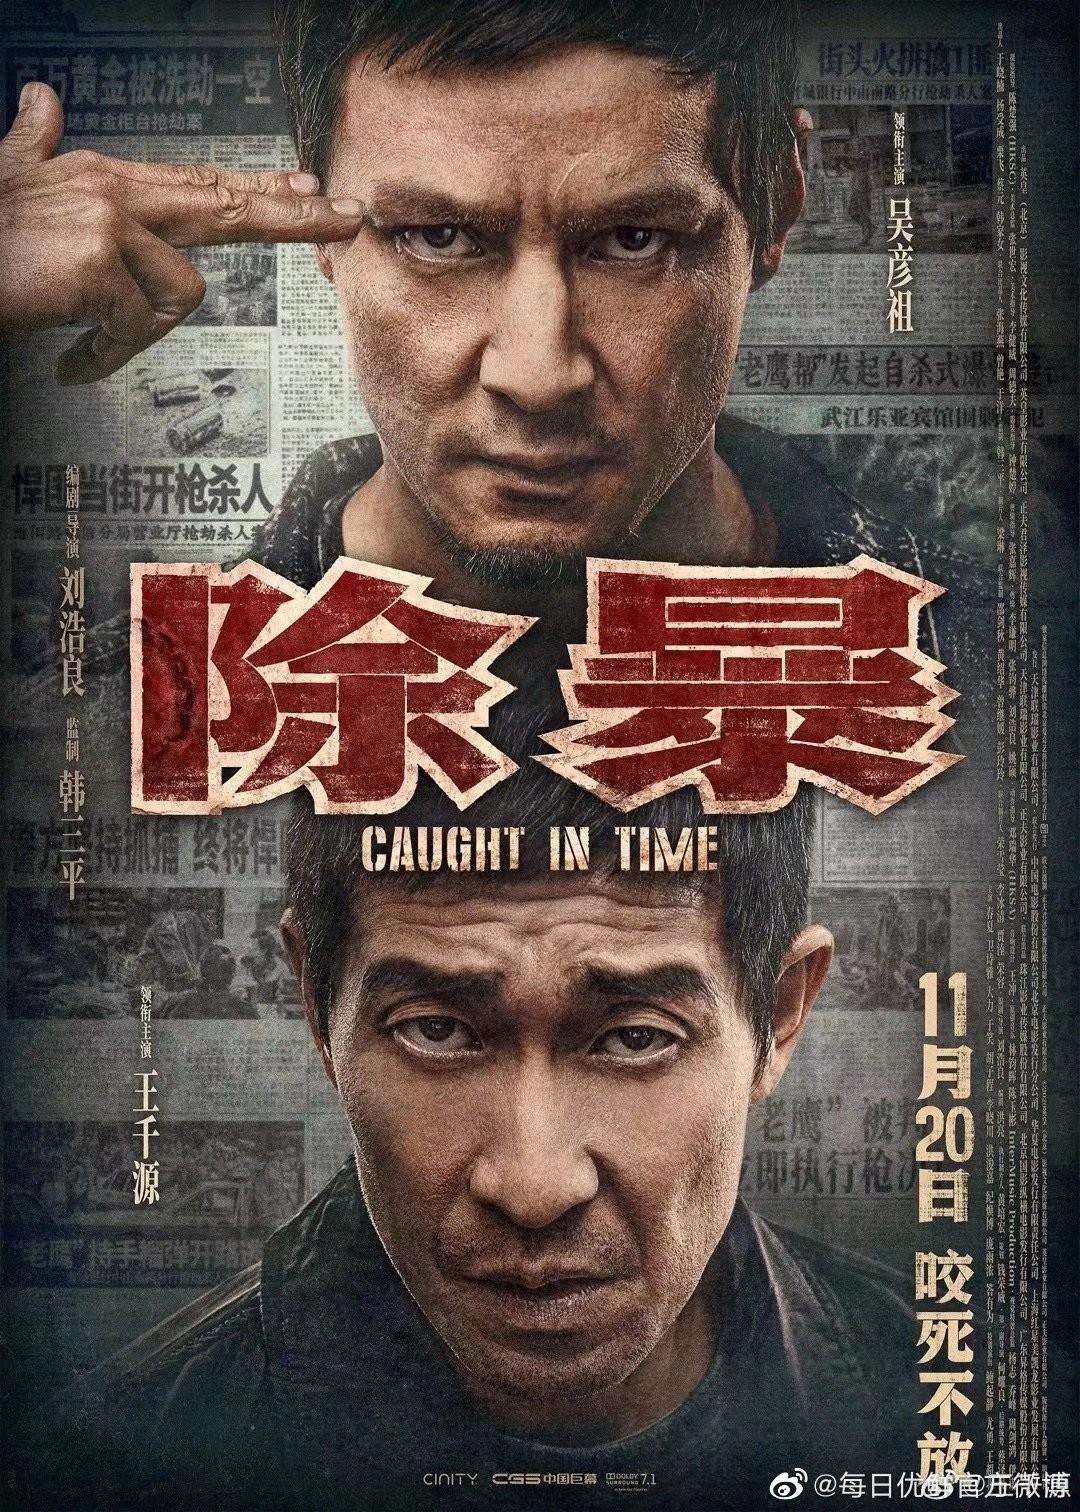 《除暴》王千源、吴彦祖电影豆瓣评分6.6 首日票房突破5000万